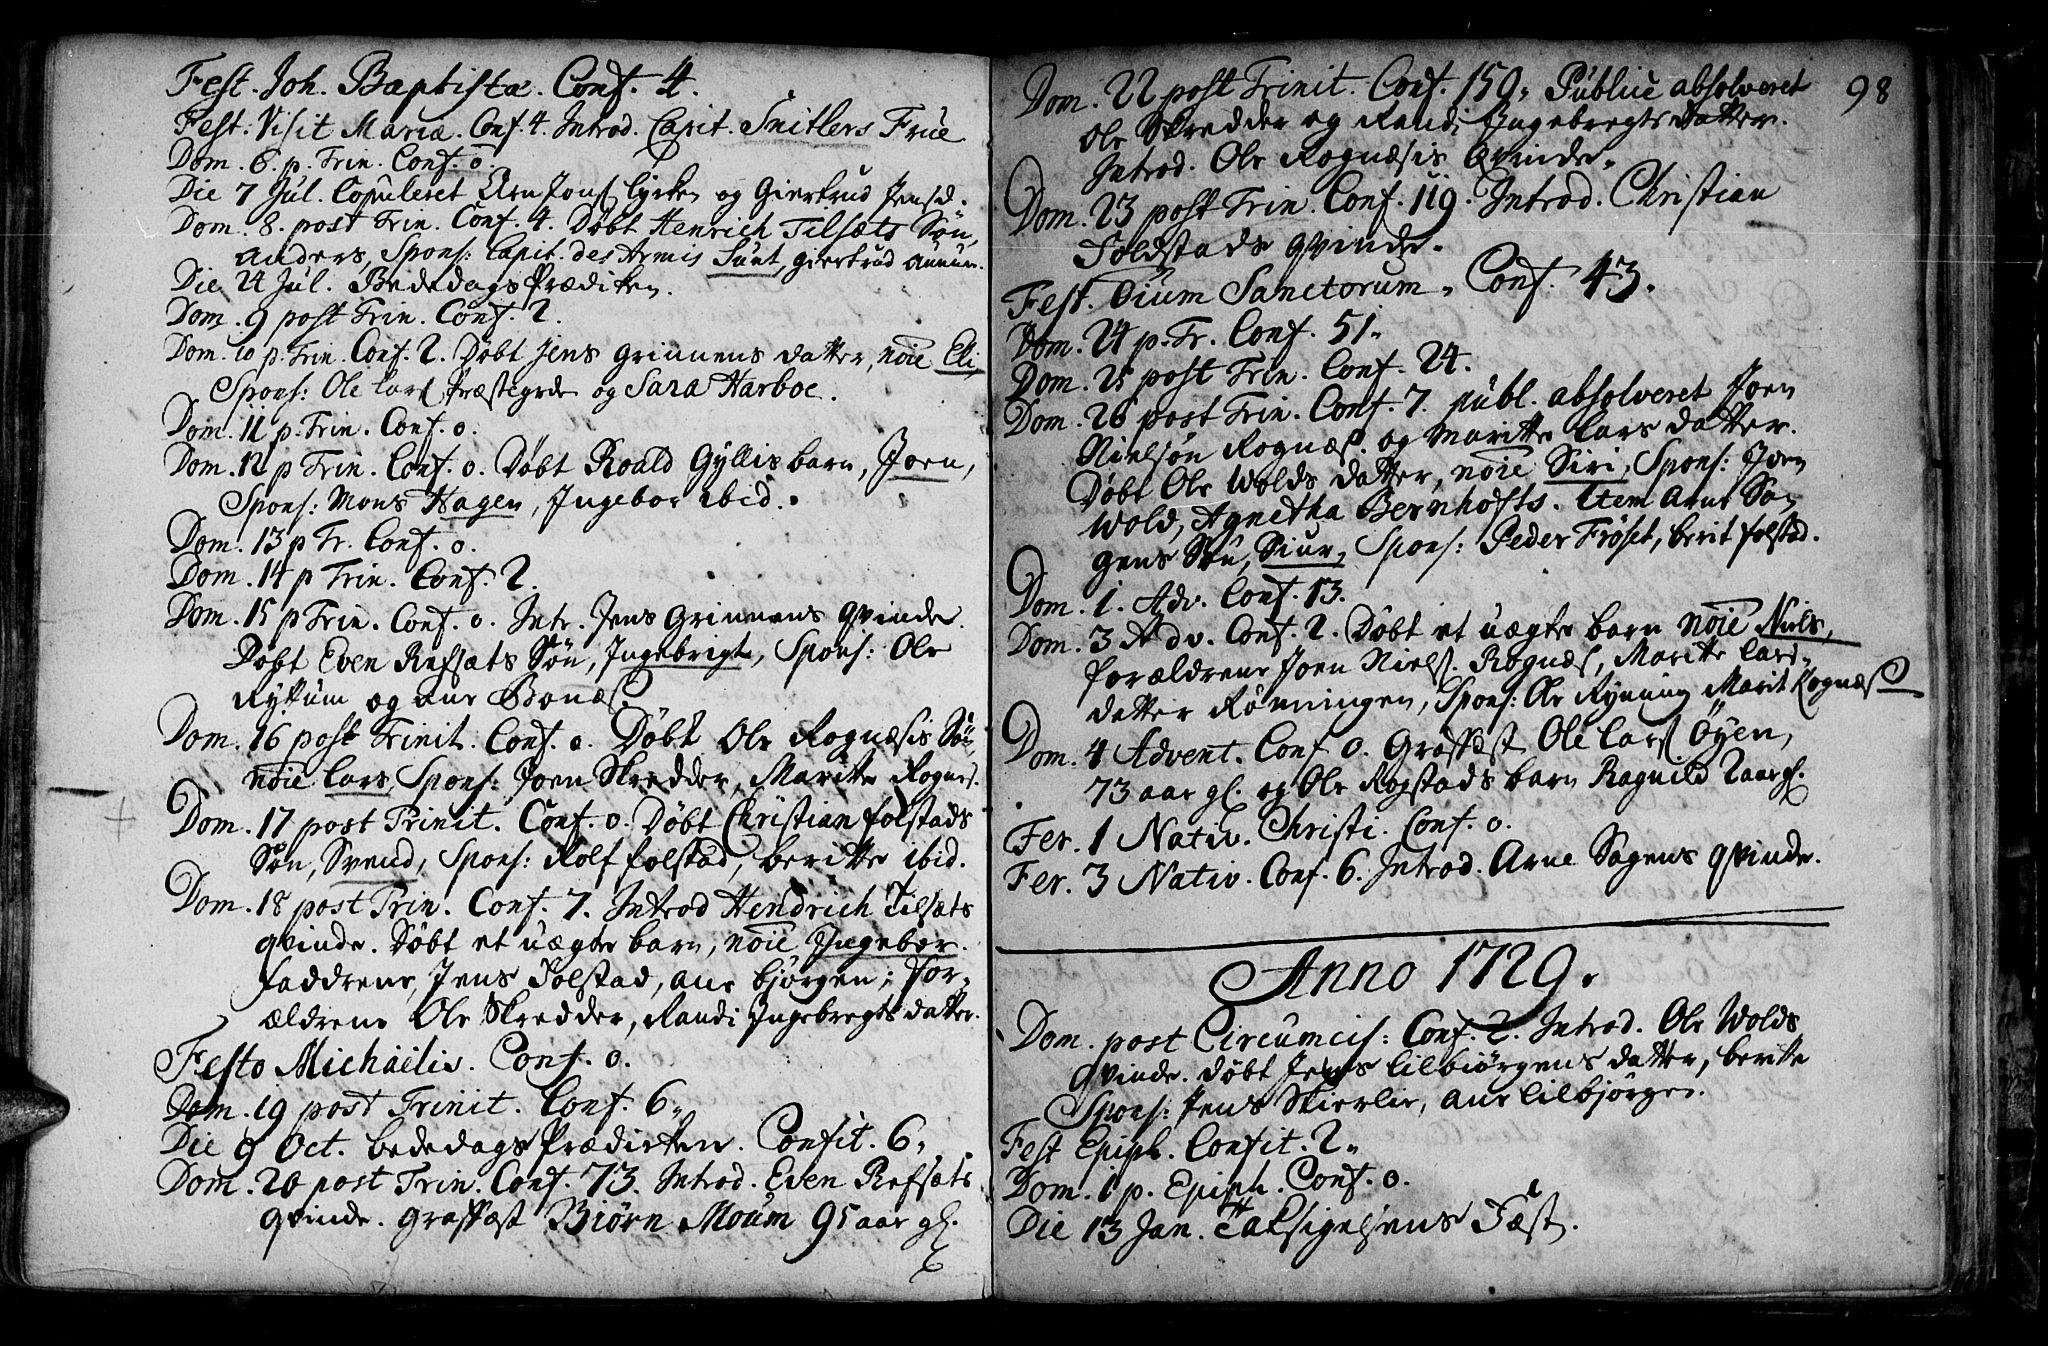 SAT, Ministerialprotokoller, klokkerbøker og fødselsregistre - Sør-Trøndelag, 687/L0990: Ministerialbok nr. 687A01, 1690-1746, s. 98